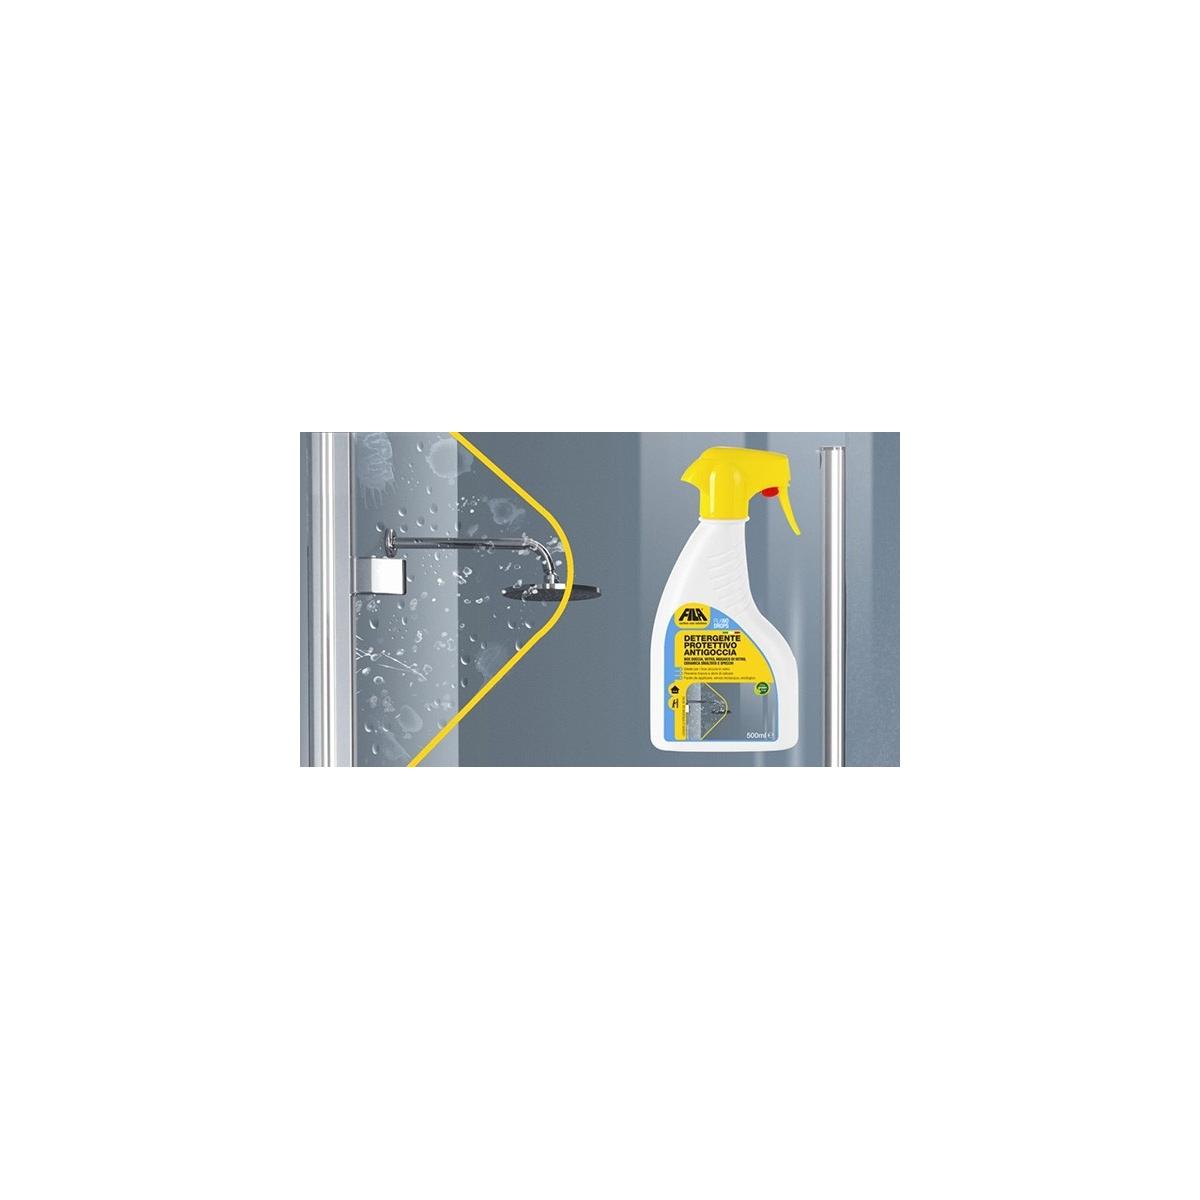 Filano Drops - Limpia mamparas - Limpieza de pavimentos y revestimientos - Marca Fila